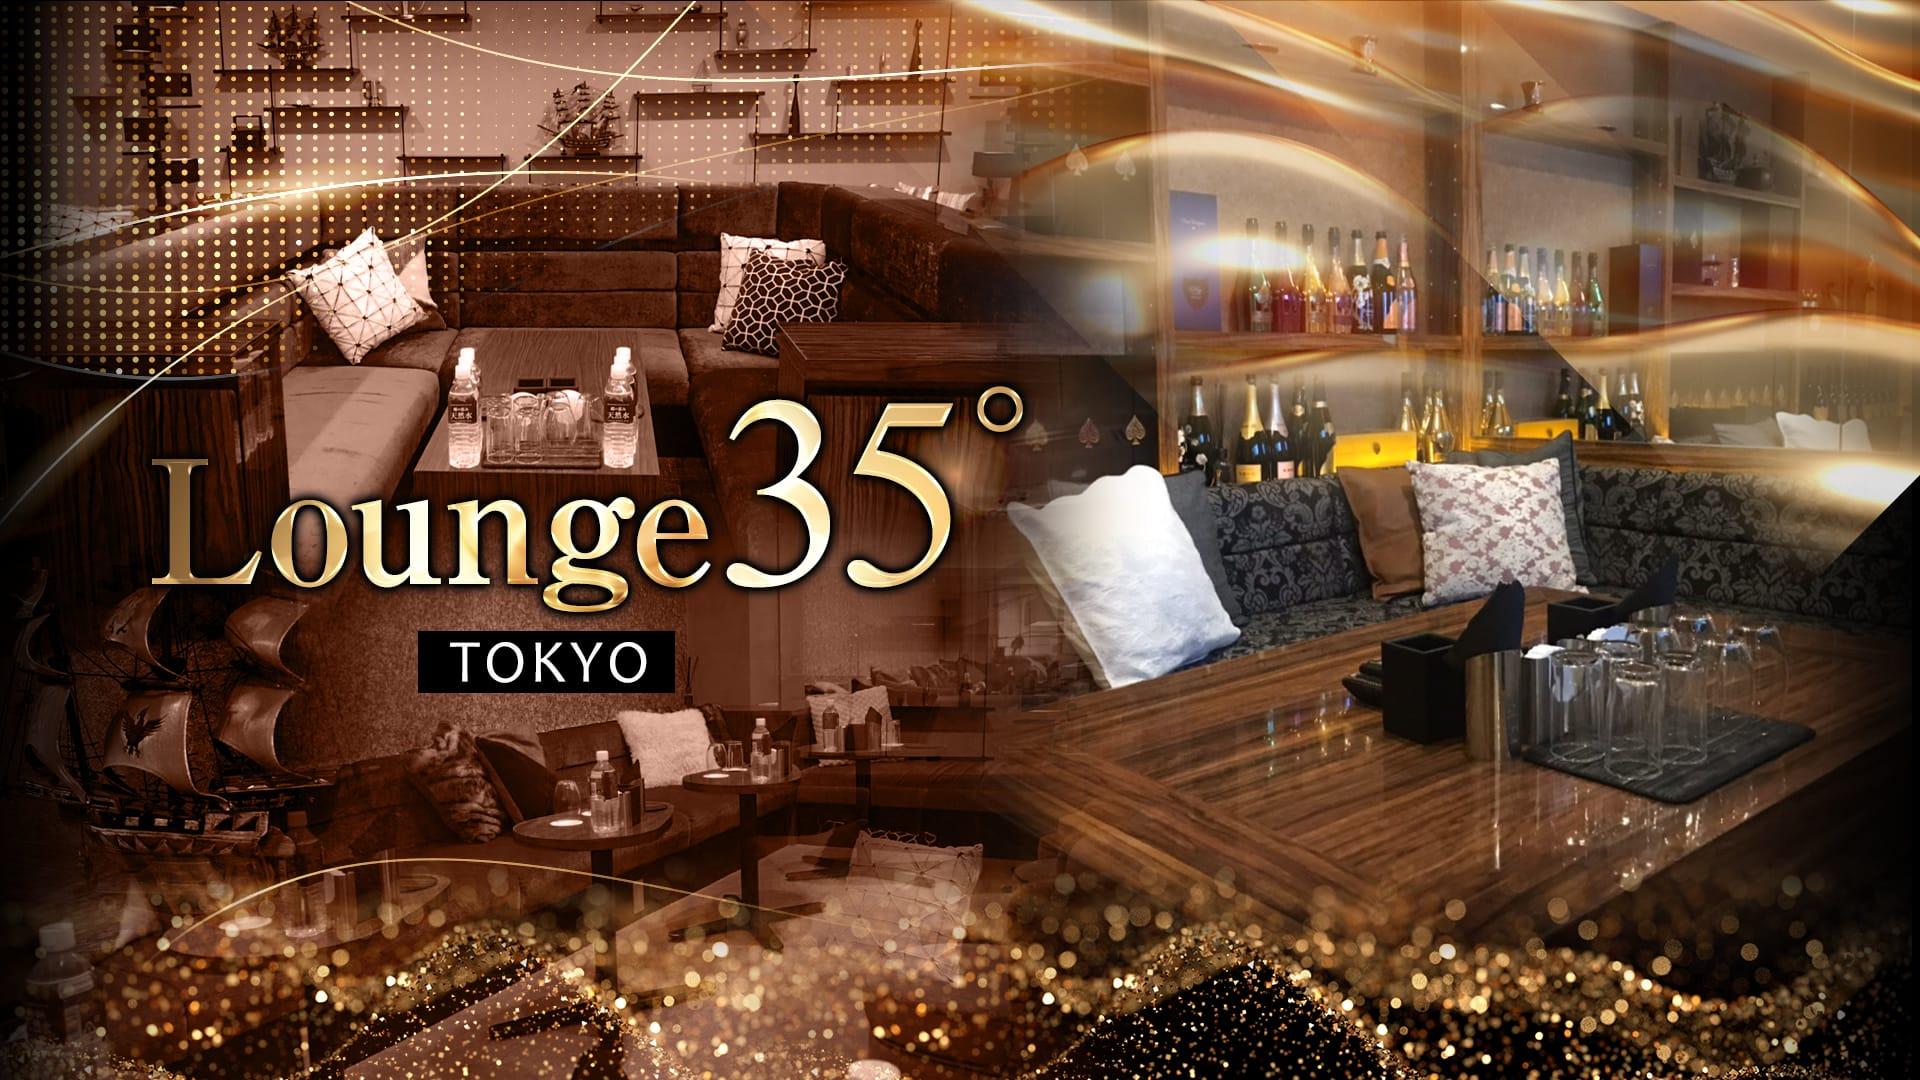 Lounge 35° Tokyo【先着応募特典】(ラウンジサンジュウゴドトウキョウ)【公式】 調布キャバクラ TOP画像